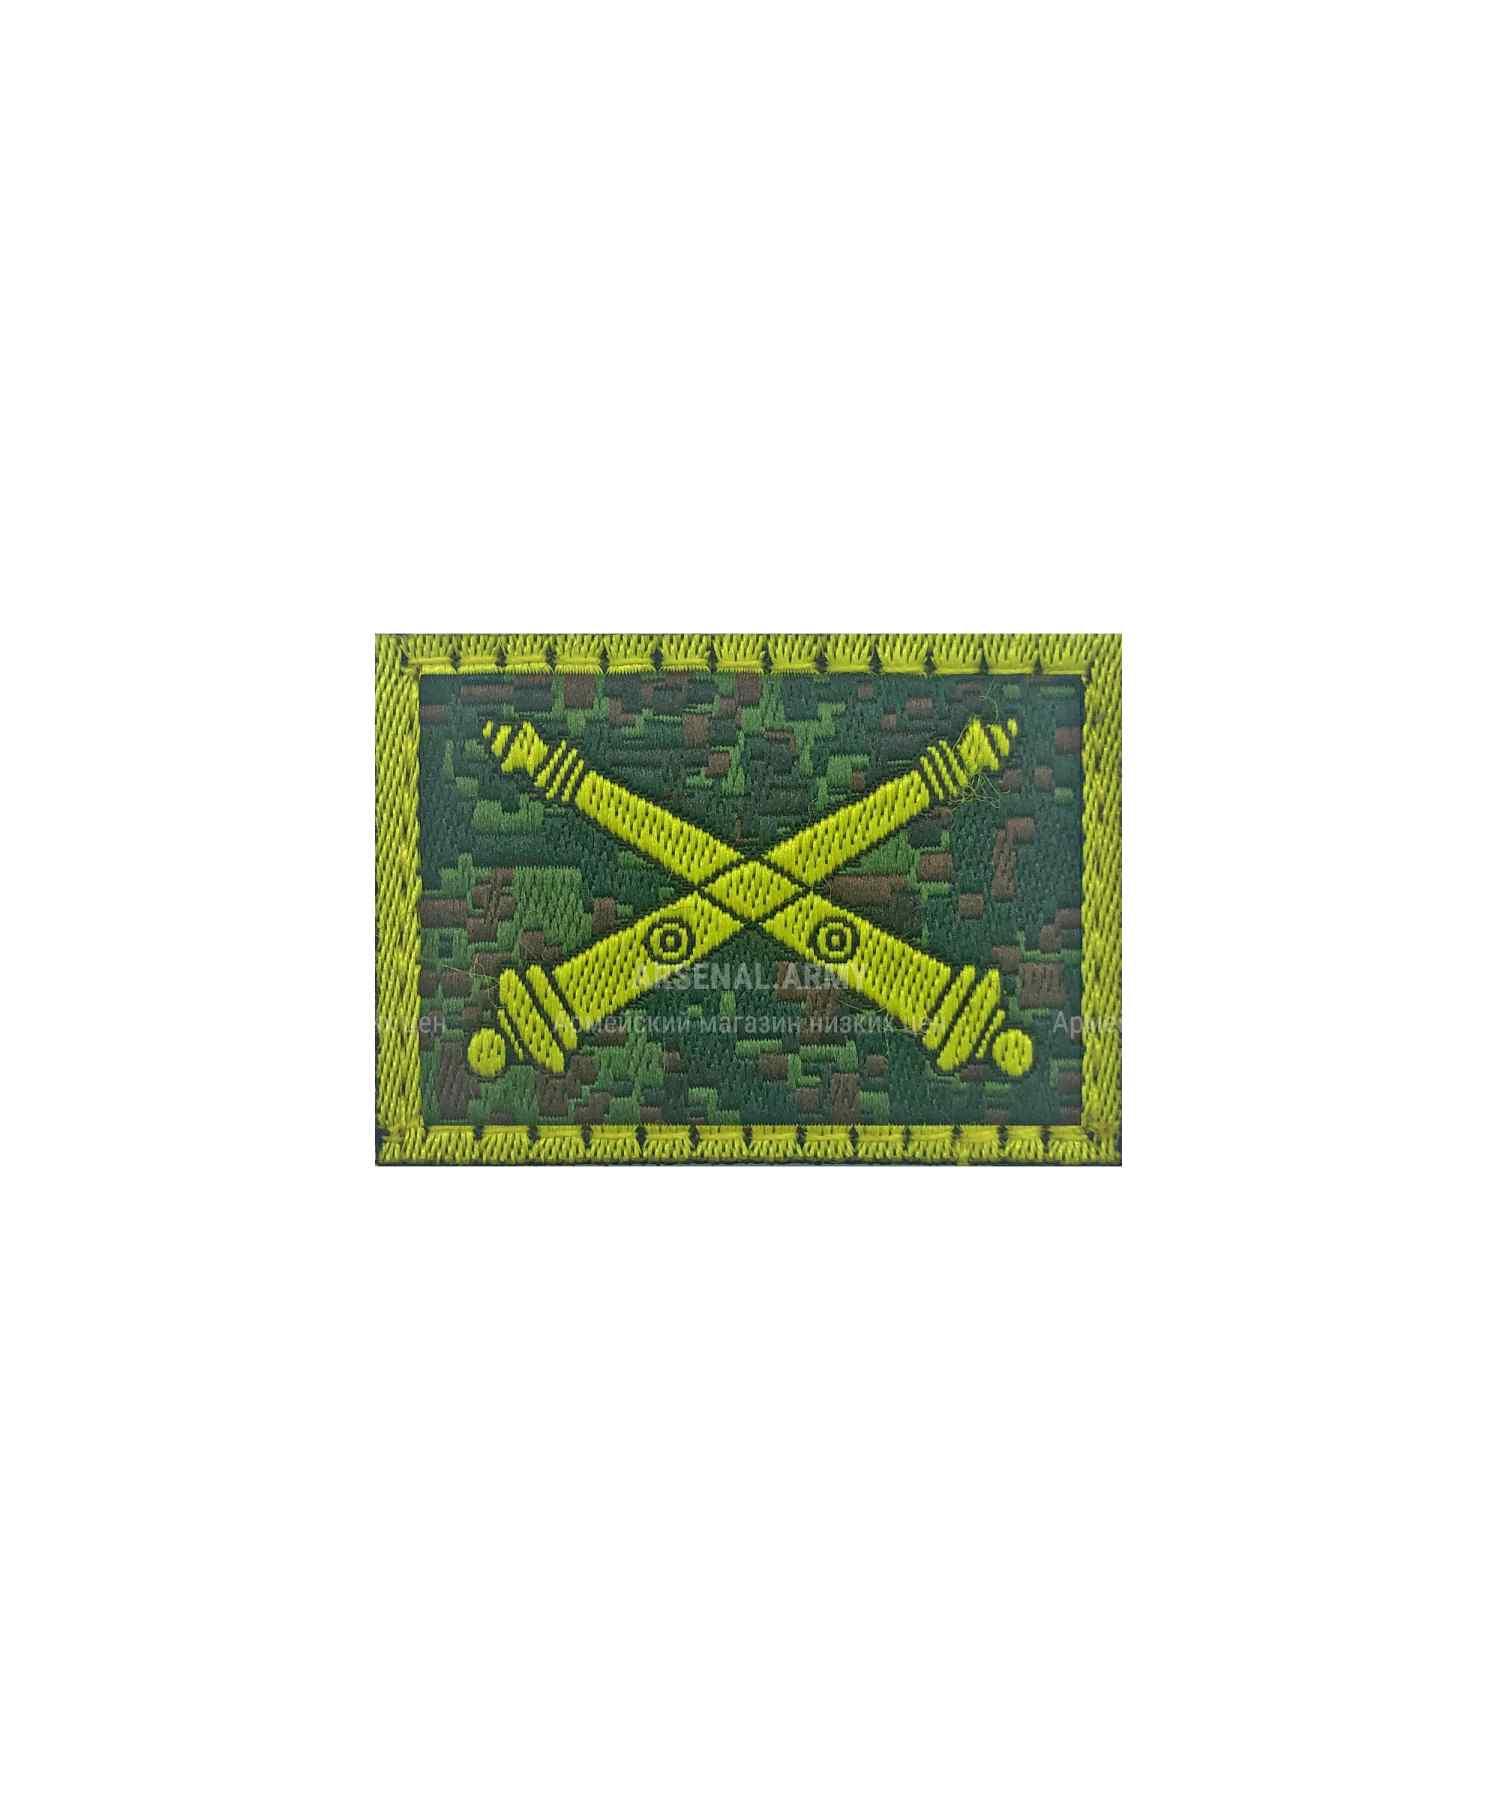 Эмблема артиллерии на липе